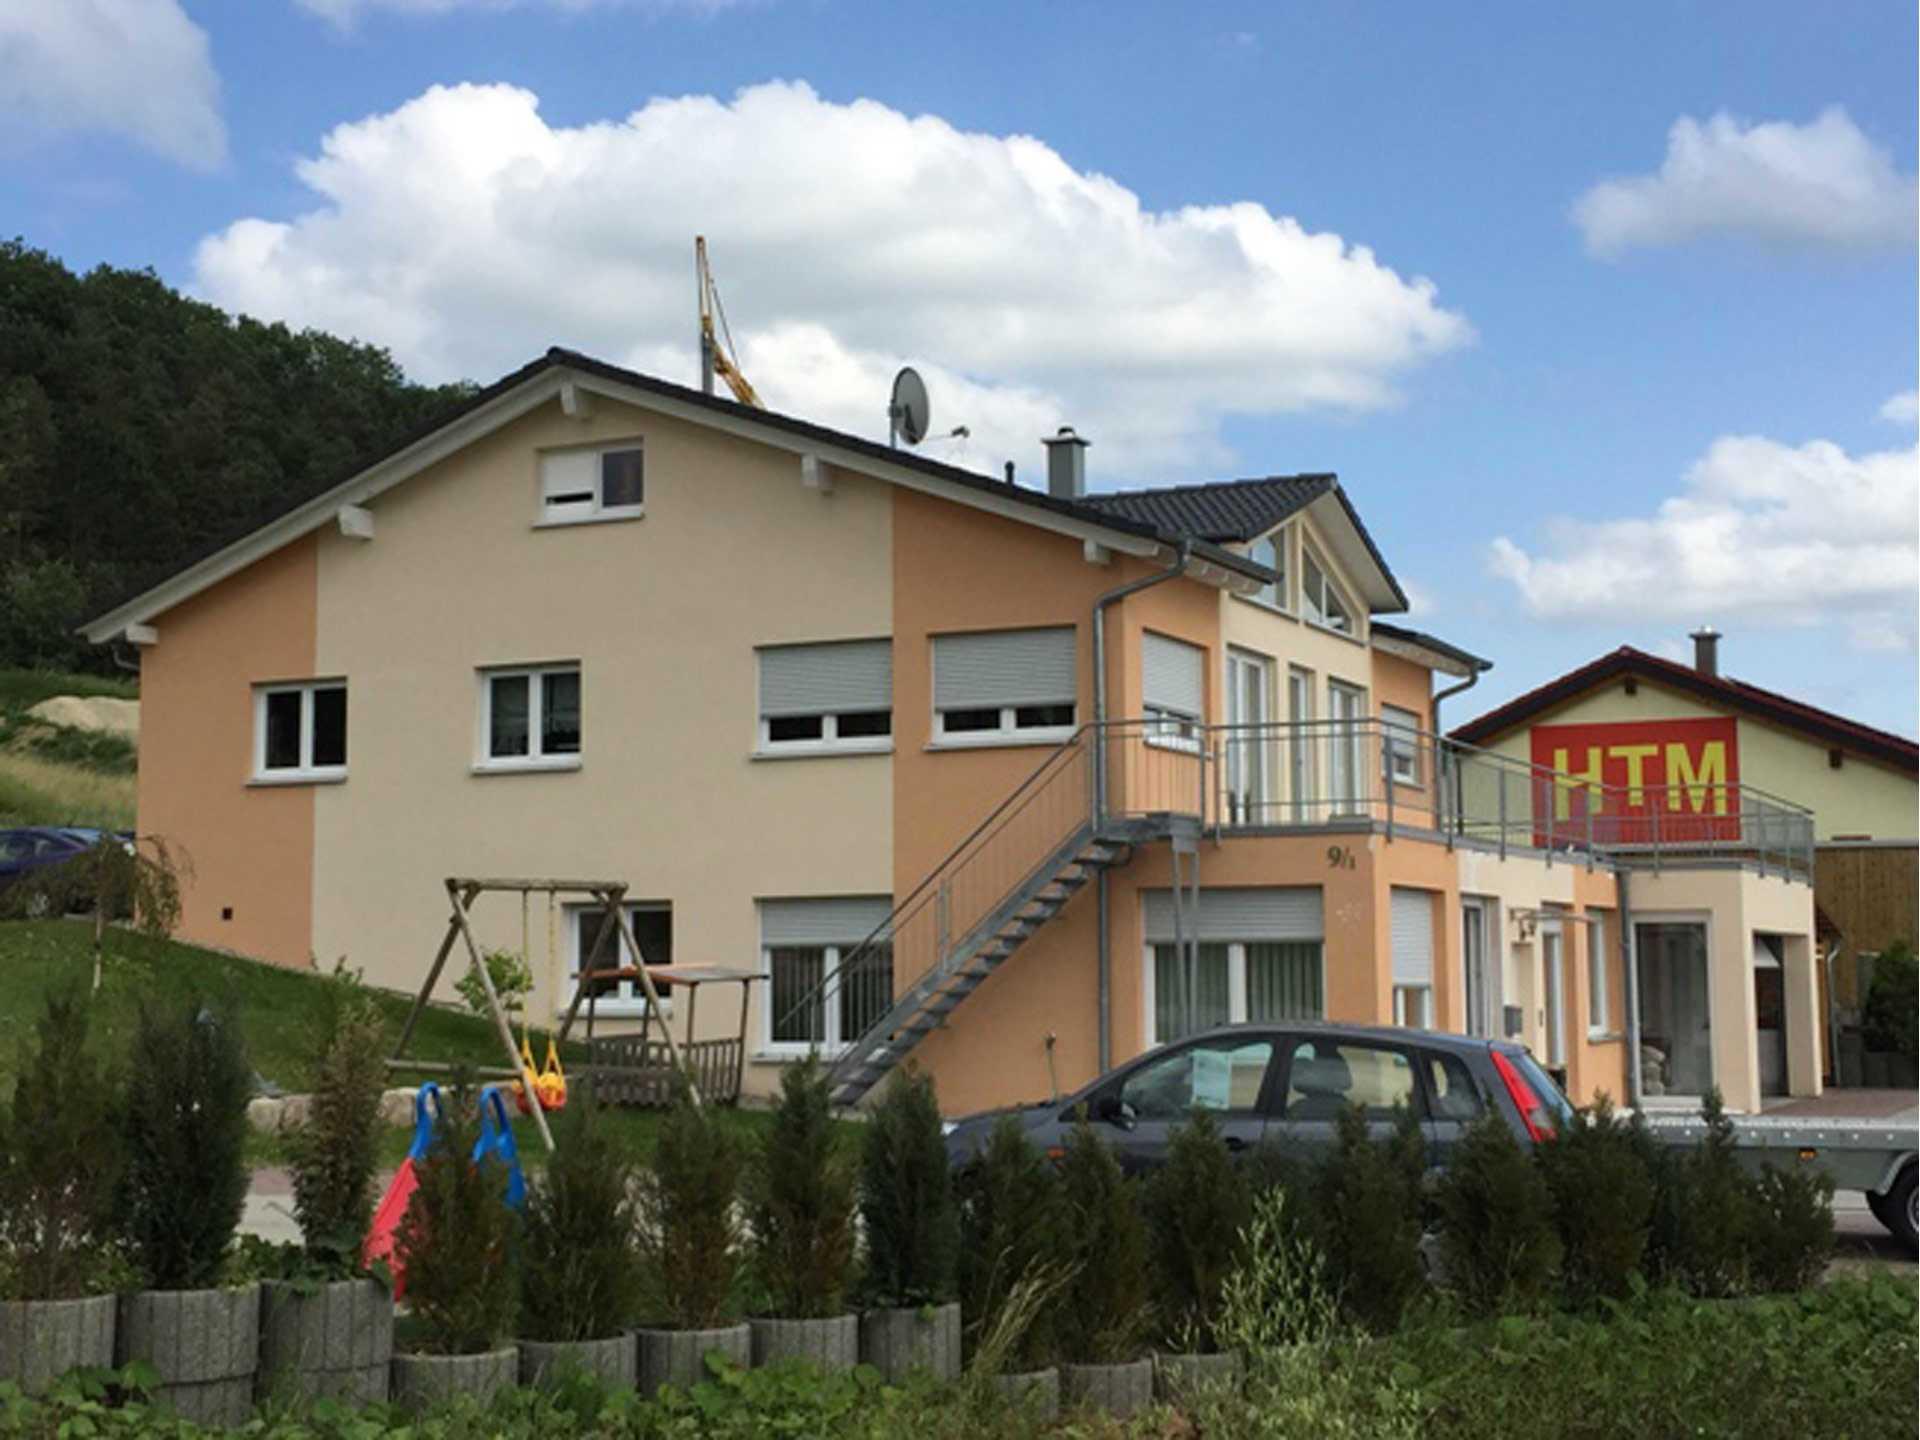 HTM Bausatzhaus Firmengebäude